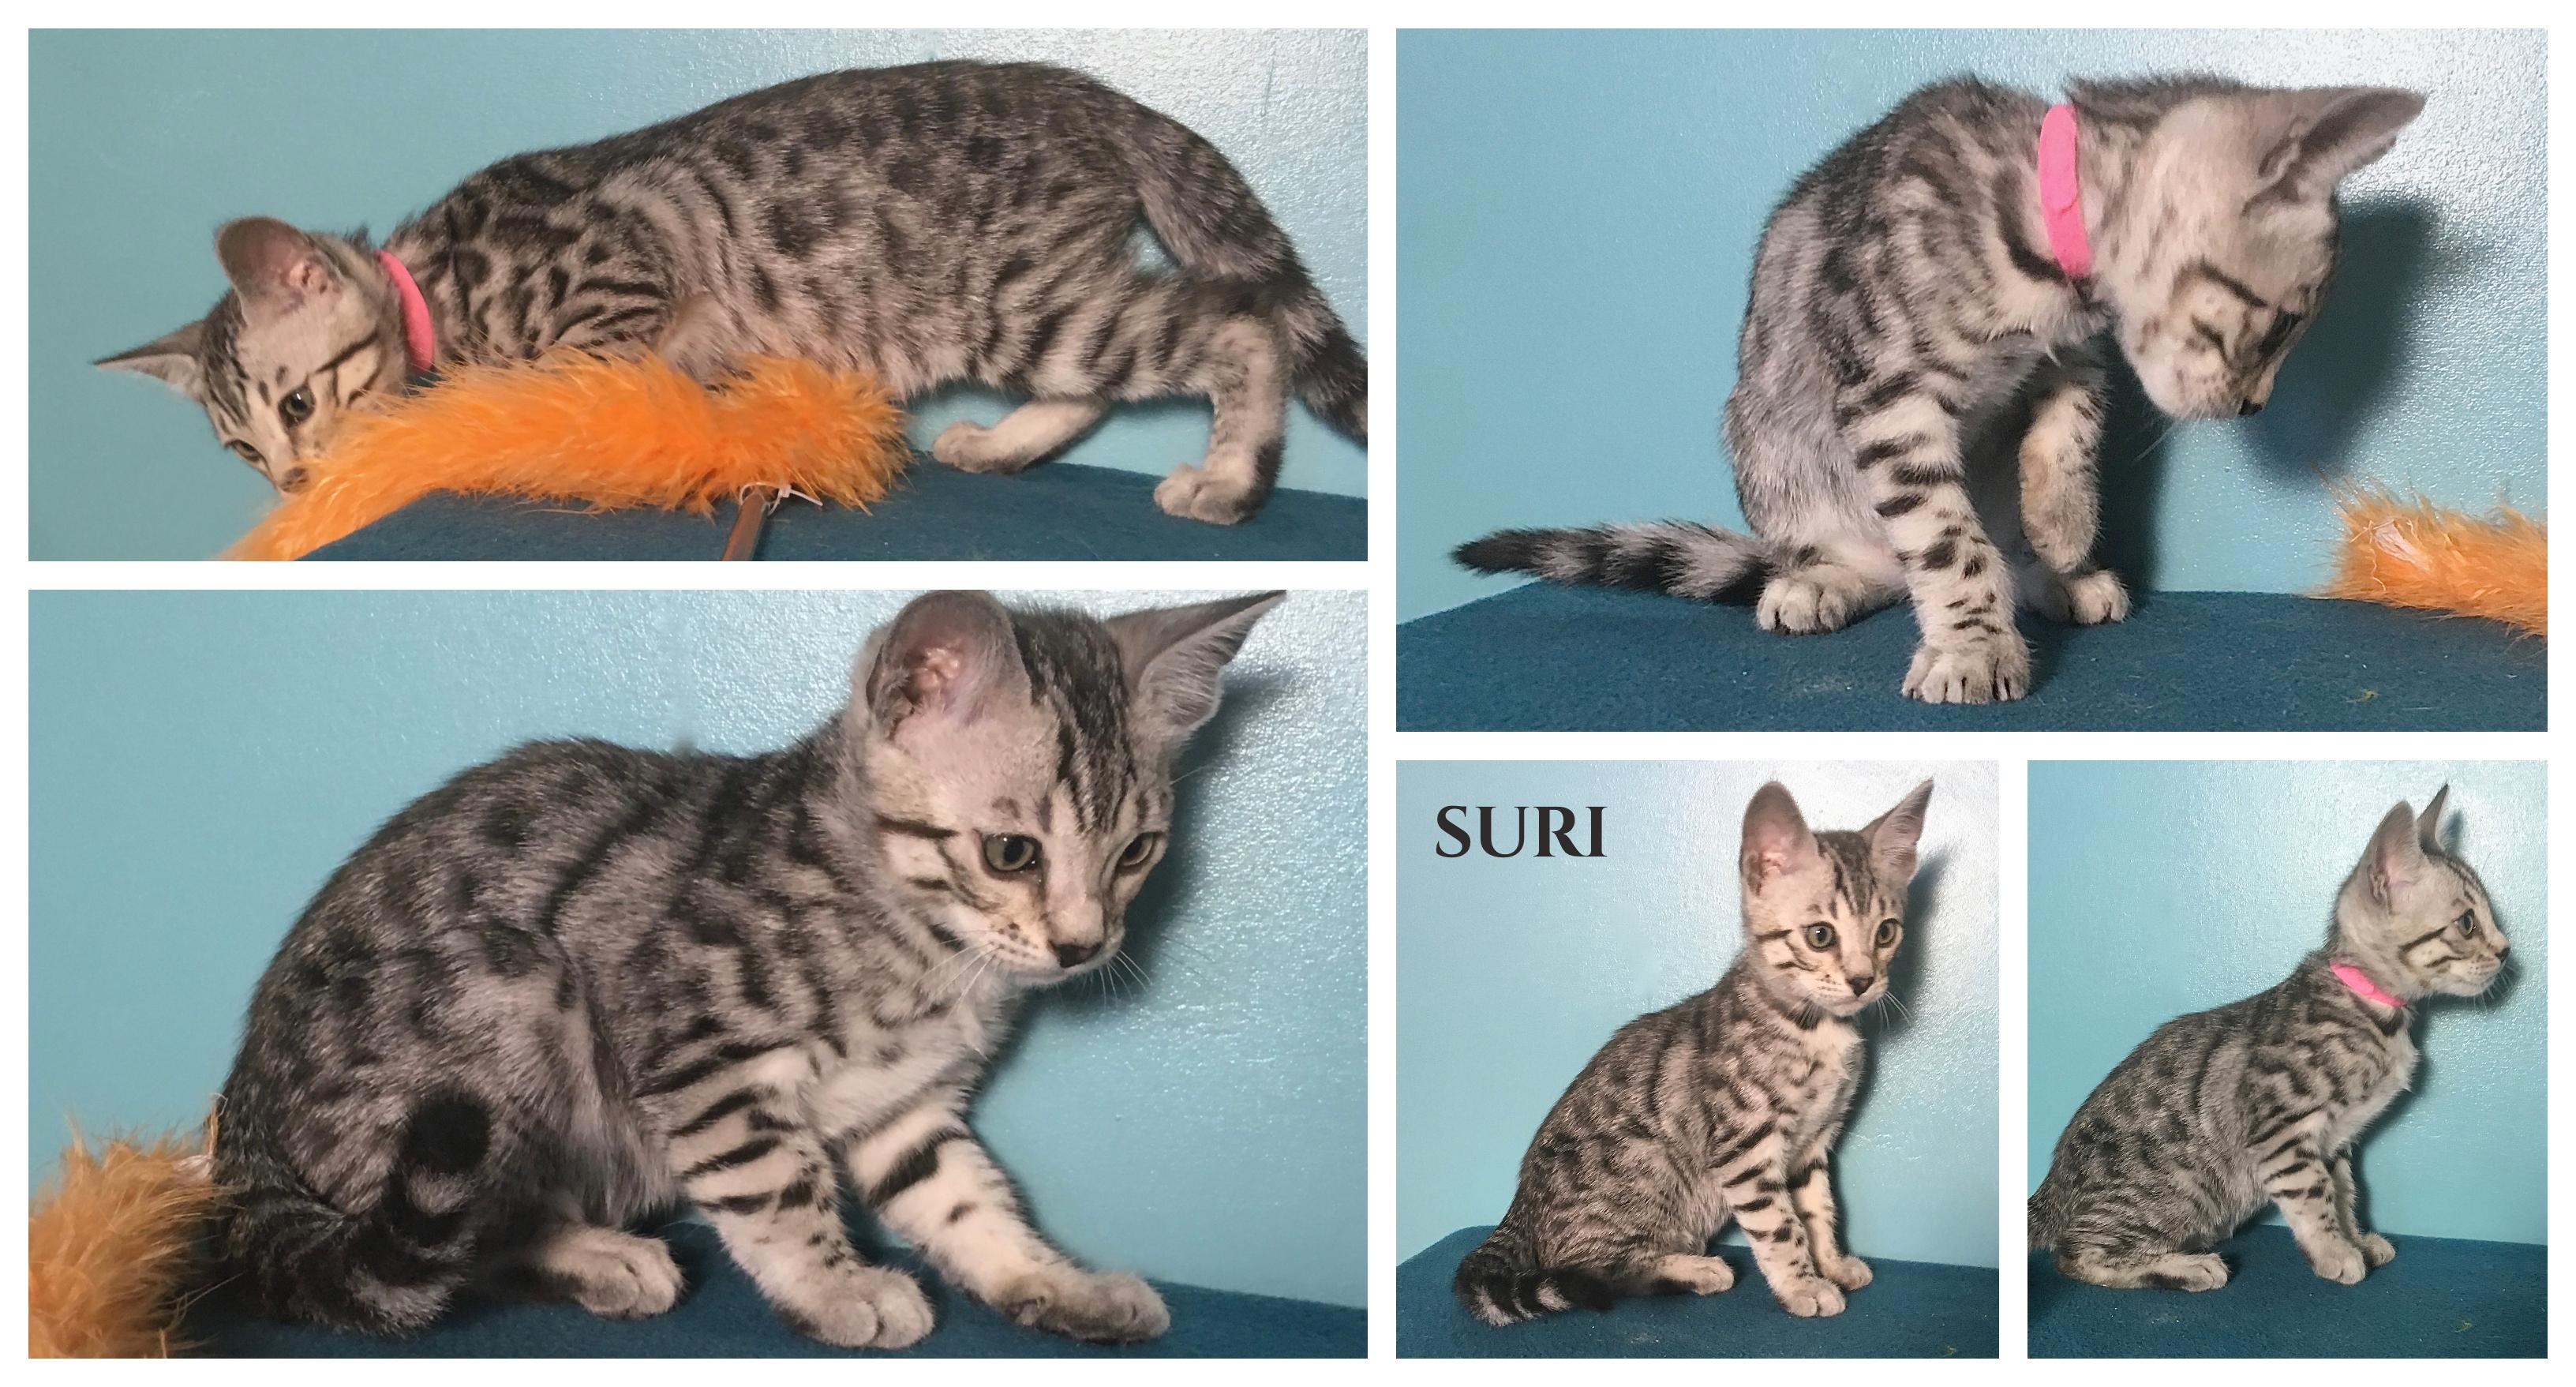 Suri 9 weeks